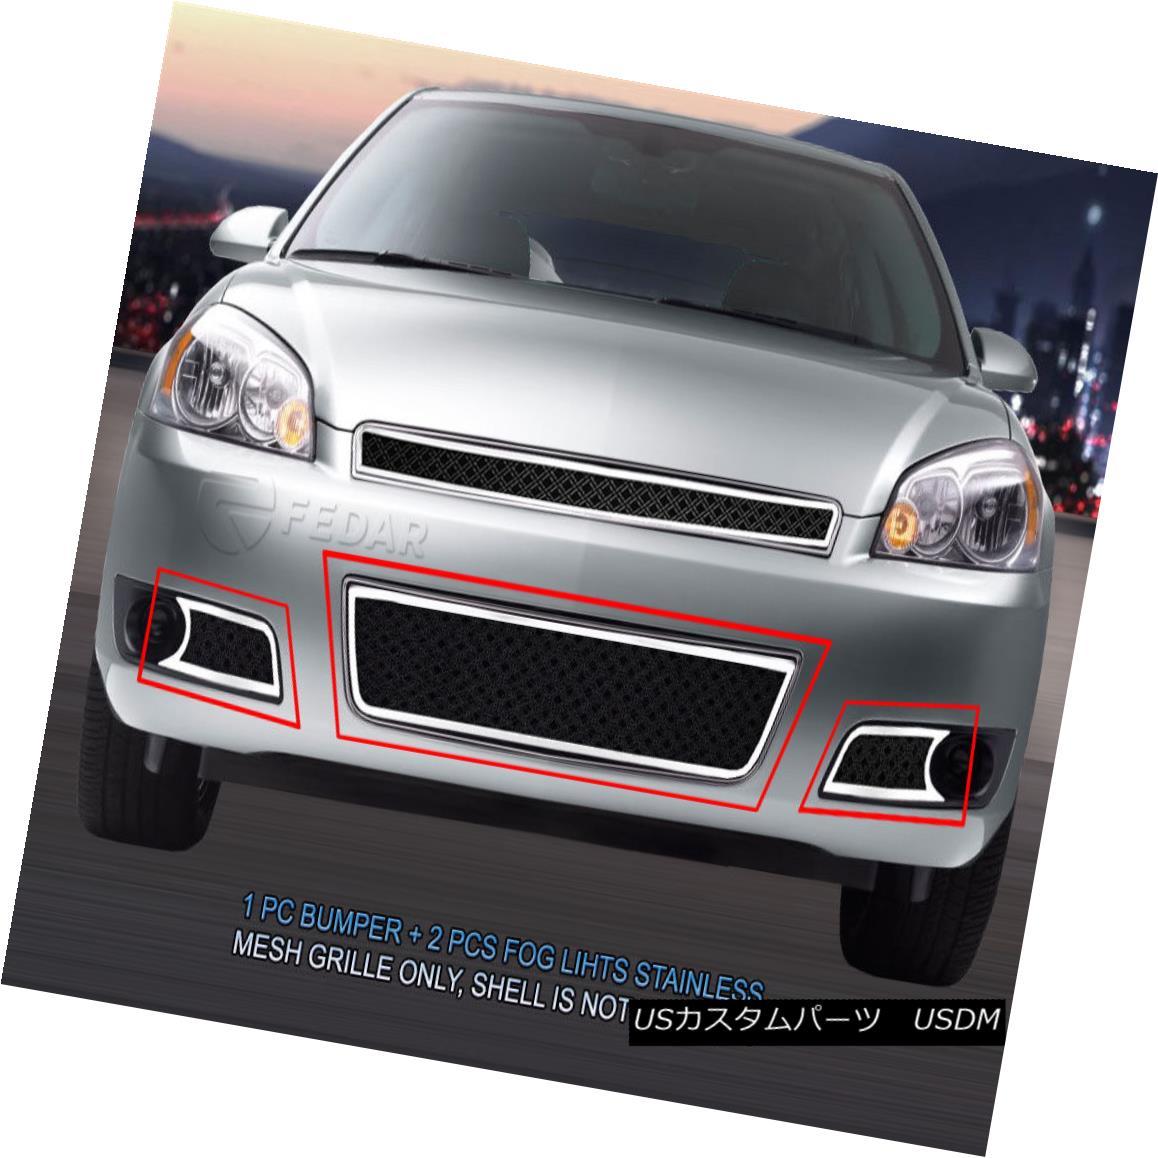 グリル 06-11 Chevy Impala Stainless Steel Black Dual Mesh Grille Bumper Insert Fedar 06-11シボレーインパラステンレススチールブラックデュアルメッシュグリルバンパーインサートフェルダ